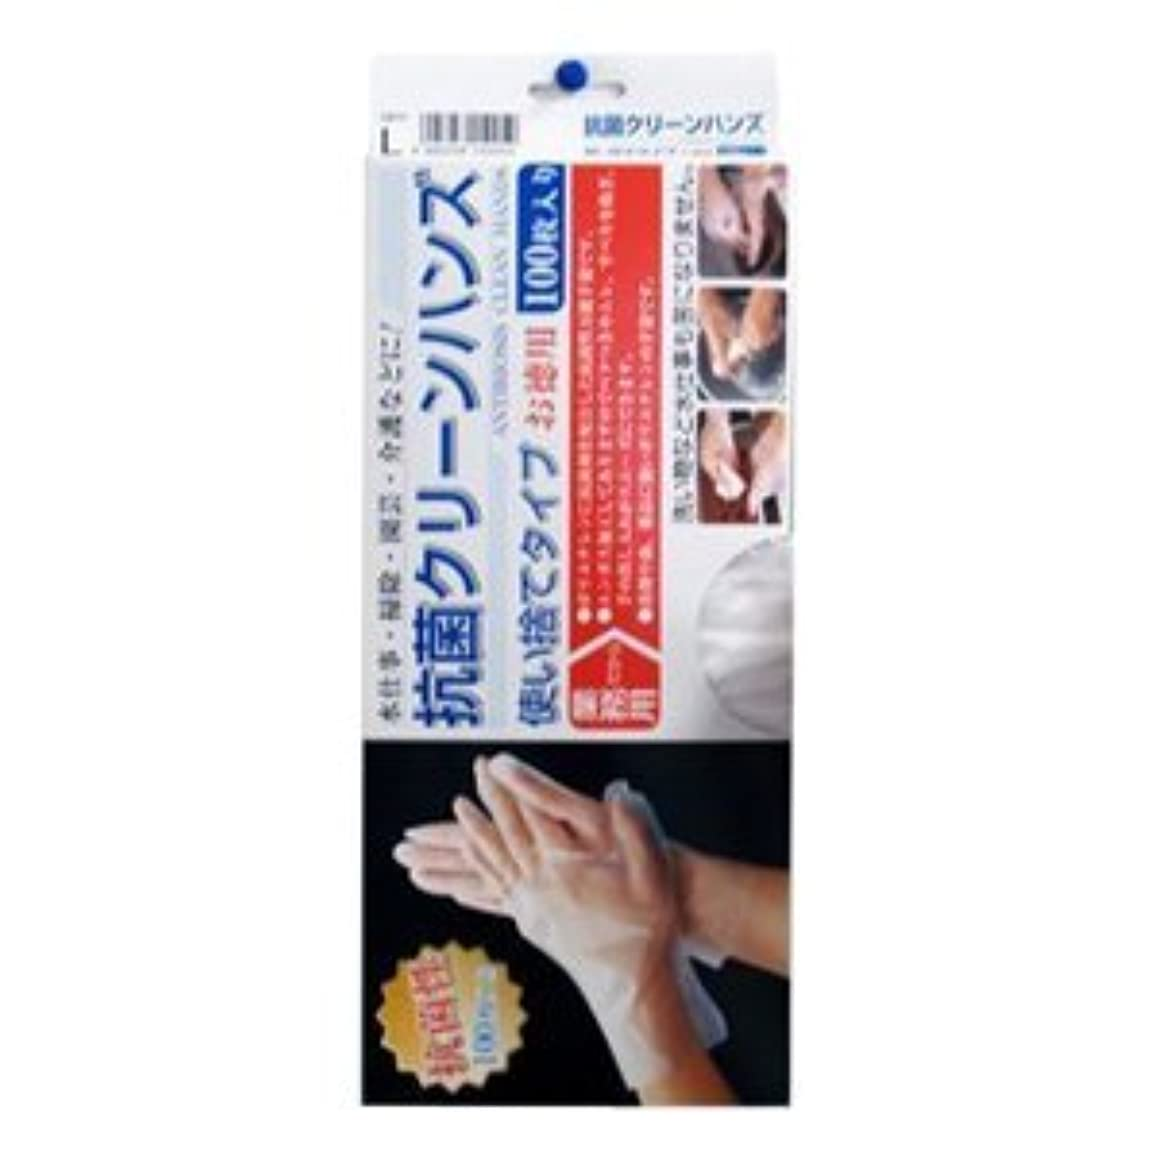 シネウィ砂漠国家抗菌クリーンハンズ箱入 Sサイズ(100枚箱入) - ポリエチレンに抗菌剤を配合した抗菌性万能手袋です。